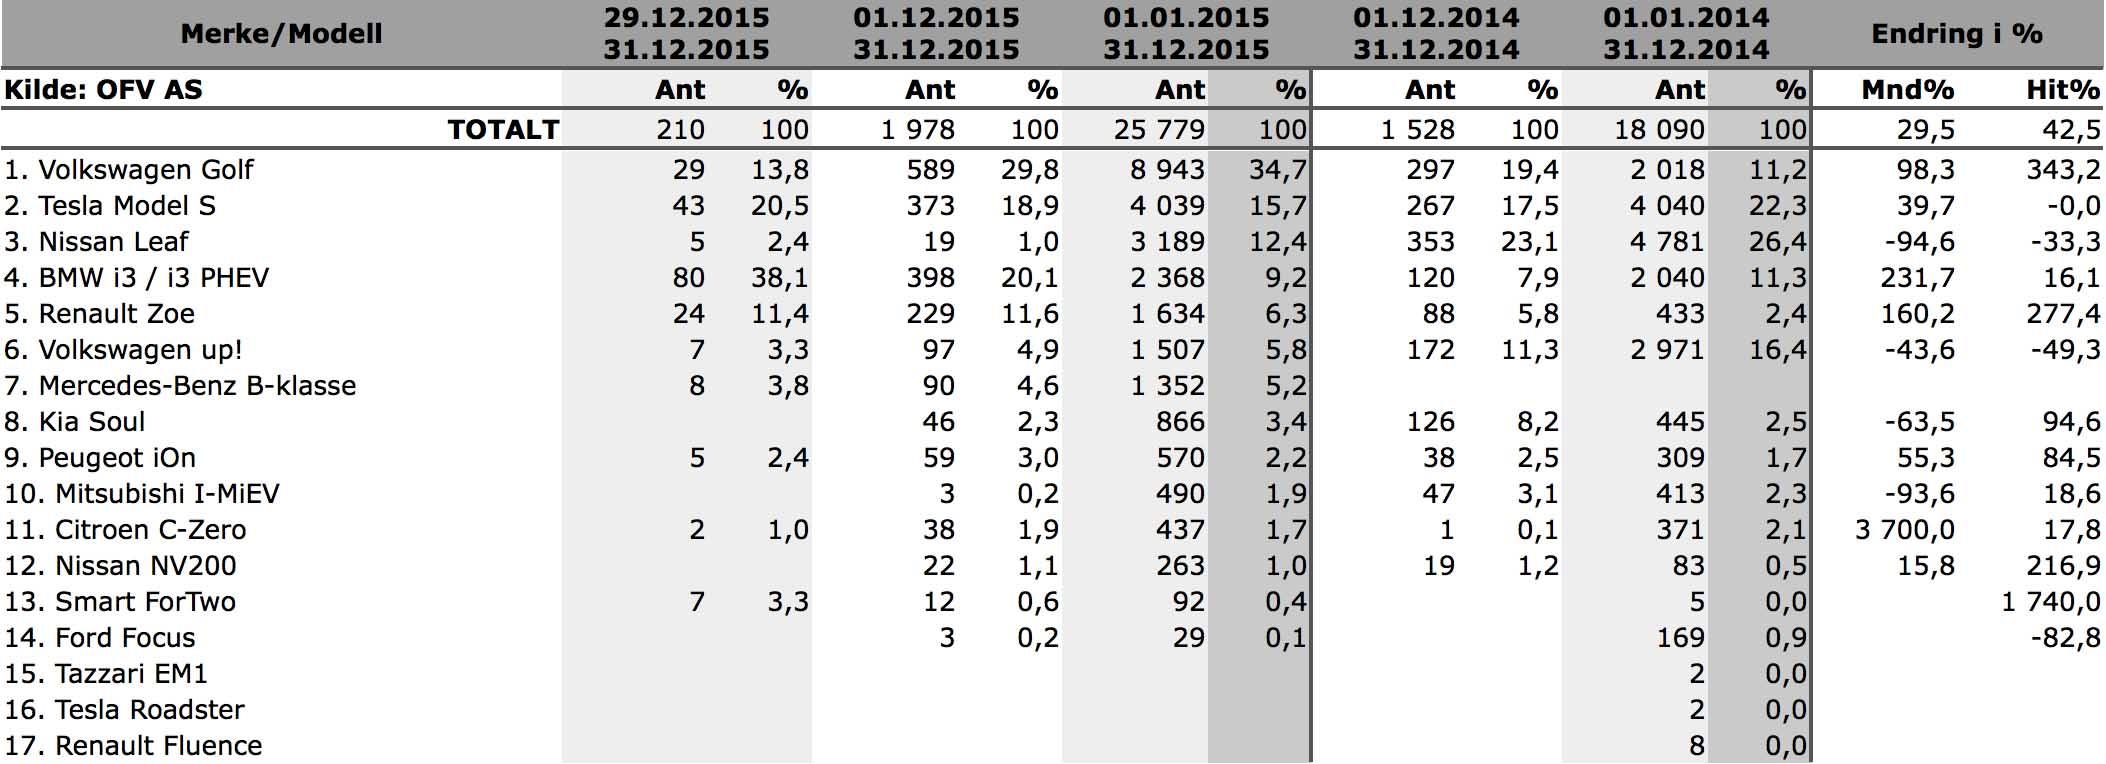 blogg 20160106 statistikk2015 800